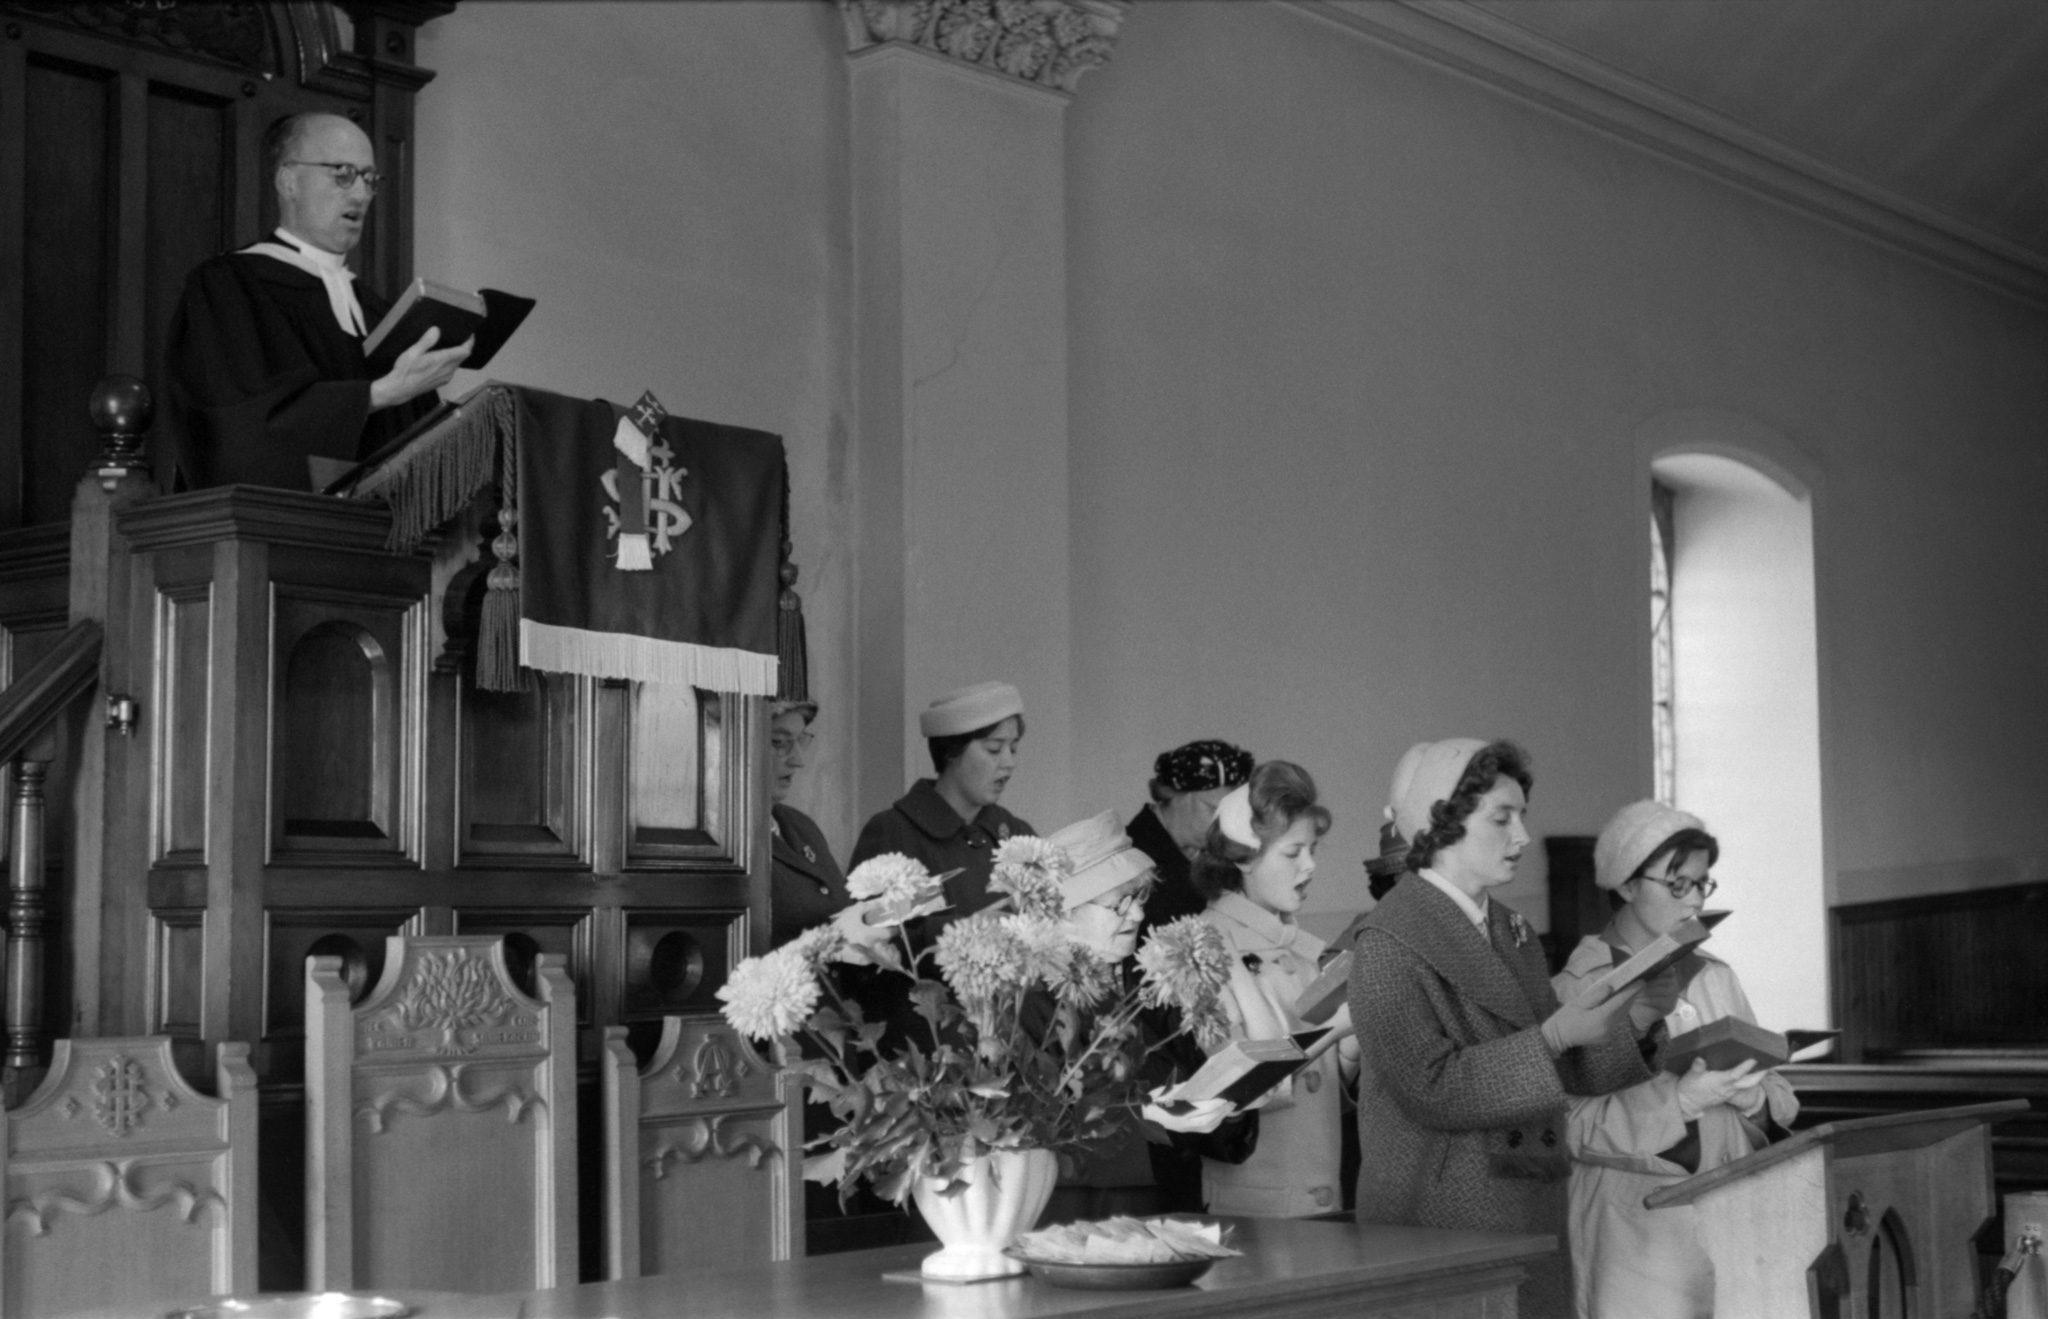 Pulpit hymn